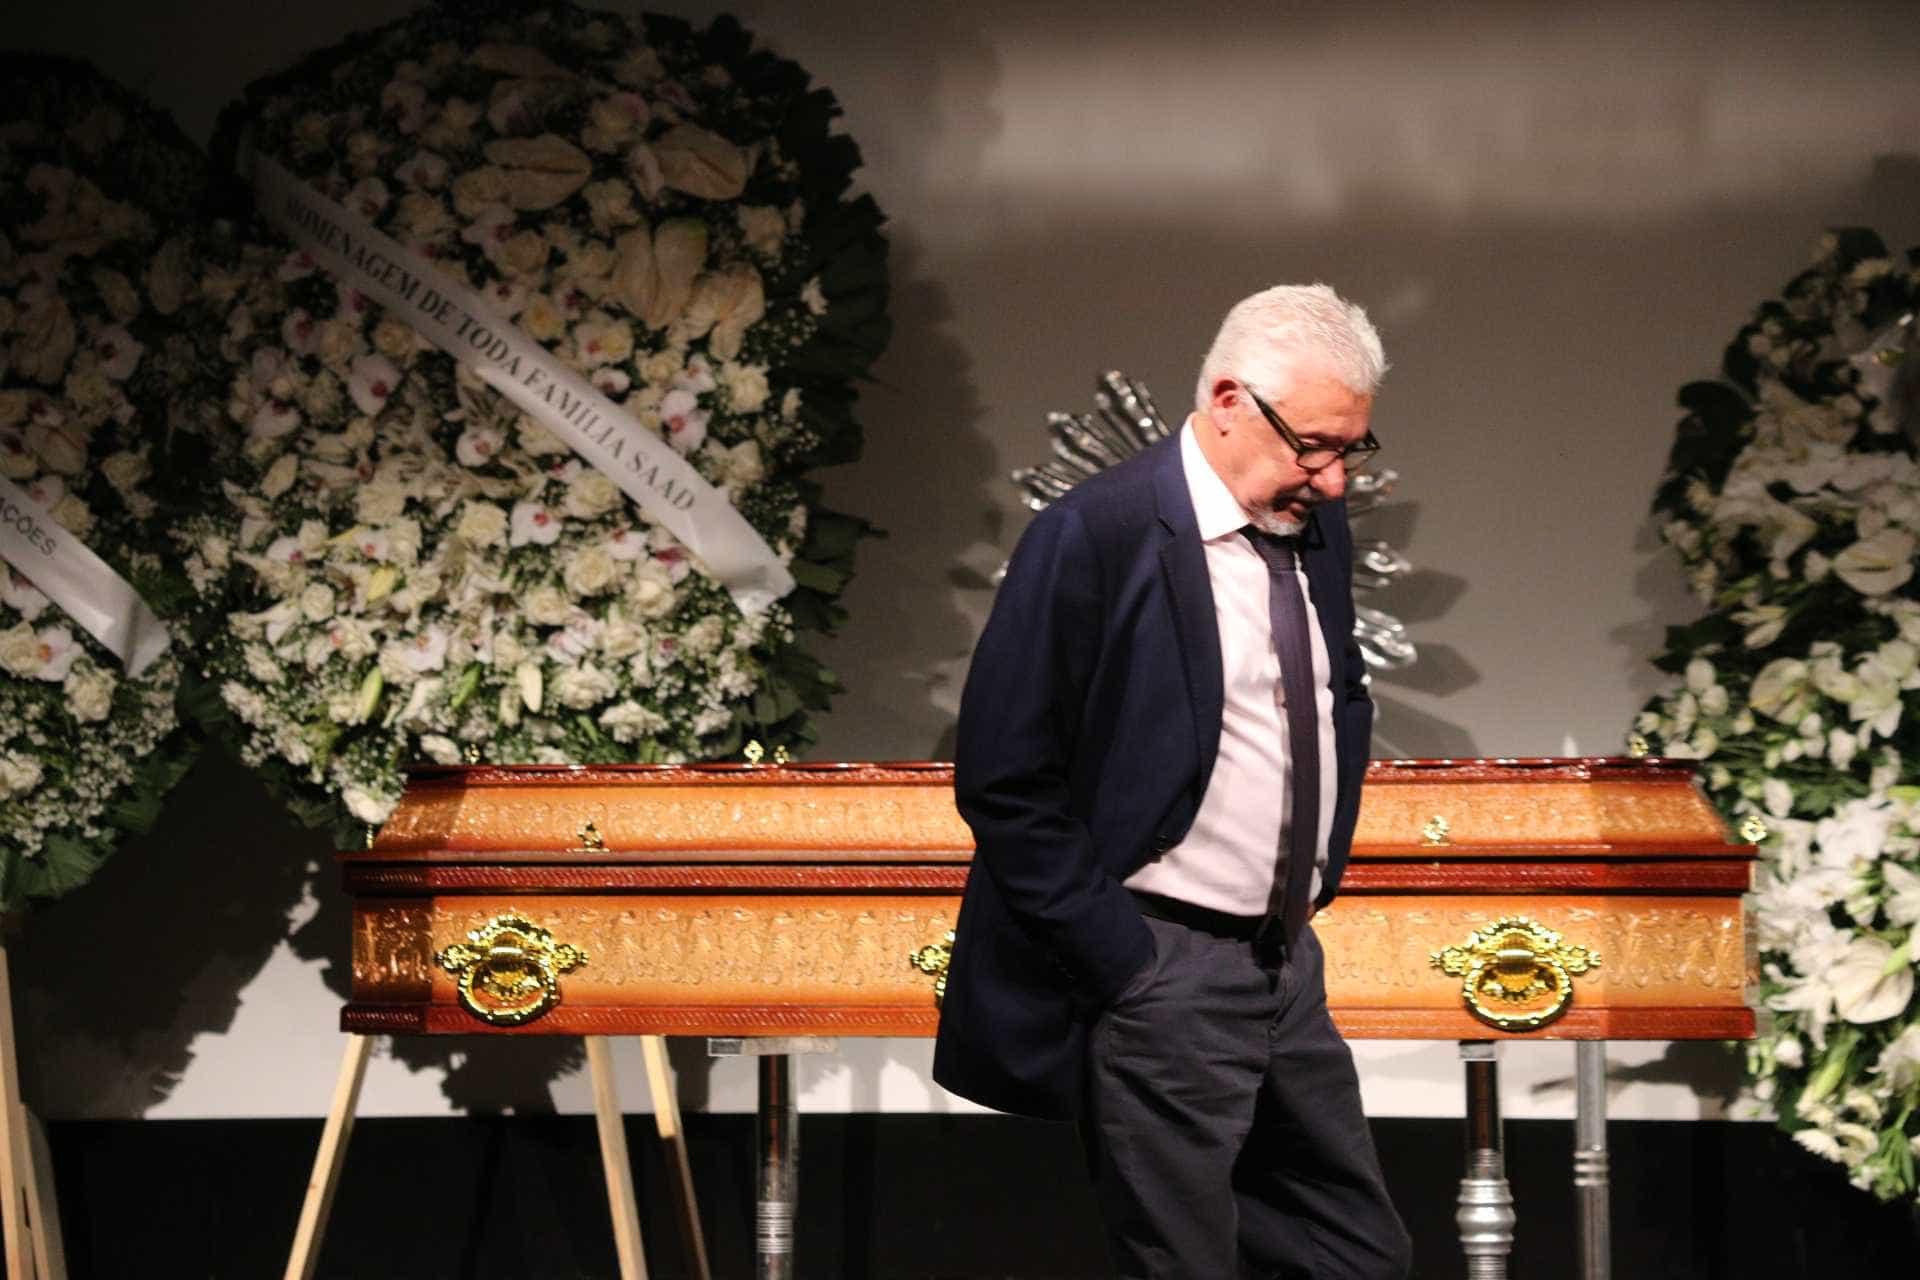 Corpo de Boechat deve ser cremado em cerimônia reservada à família